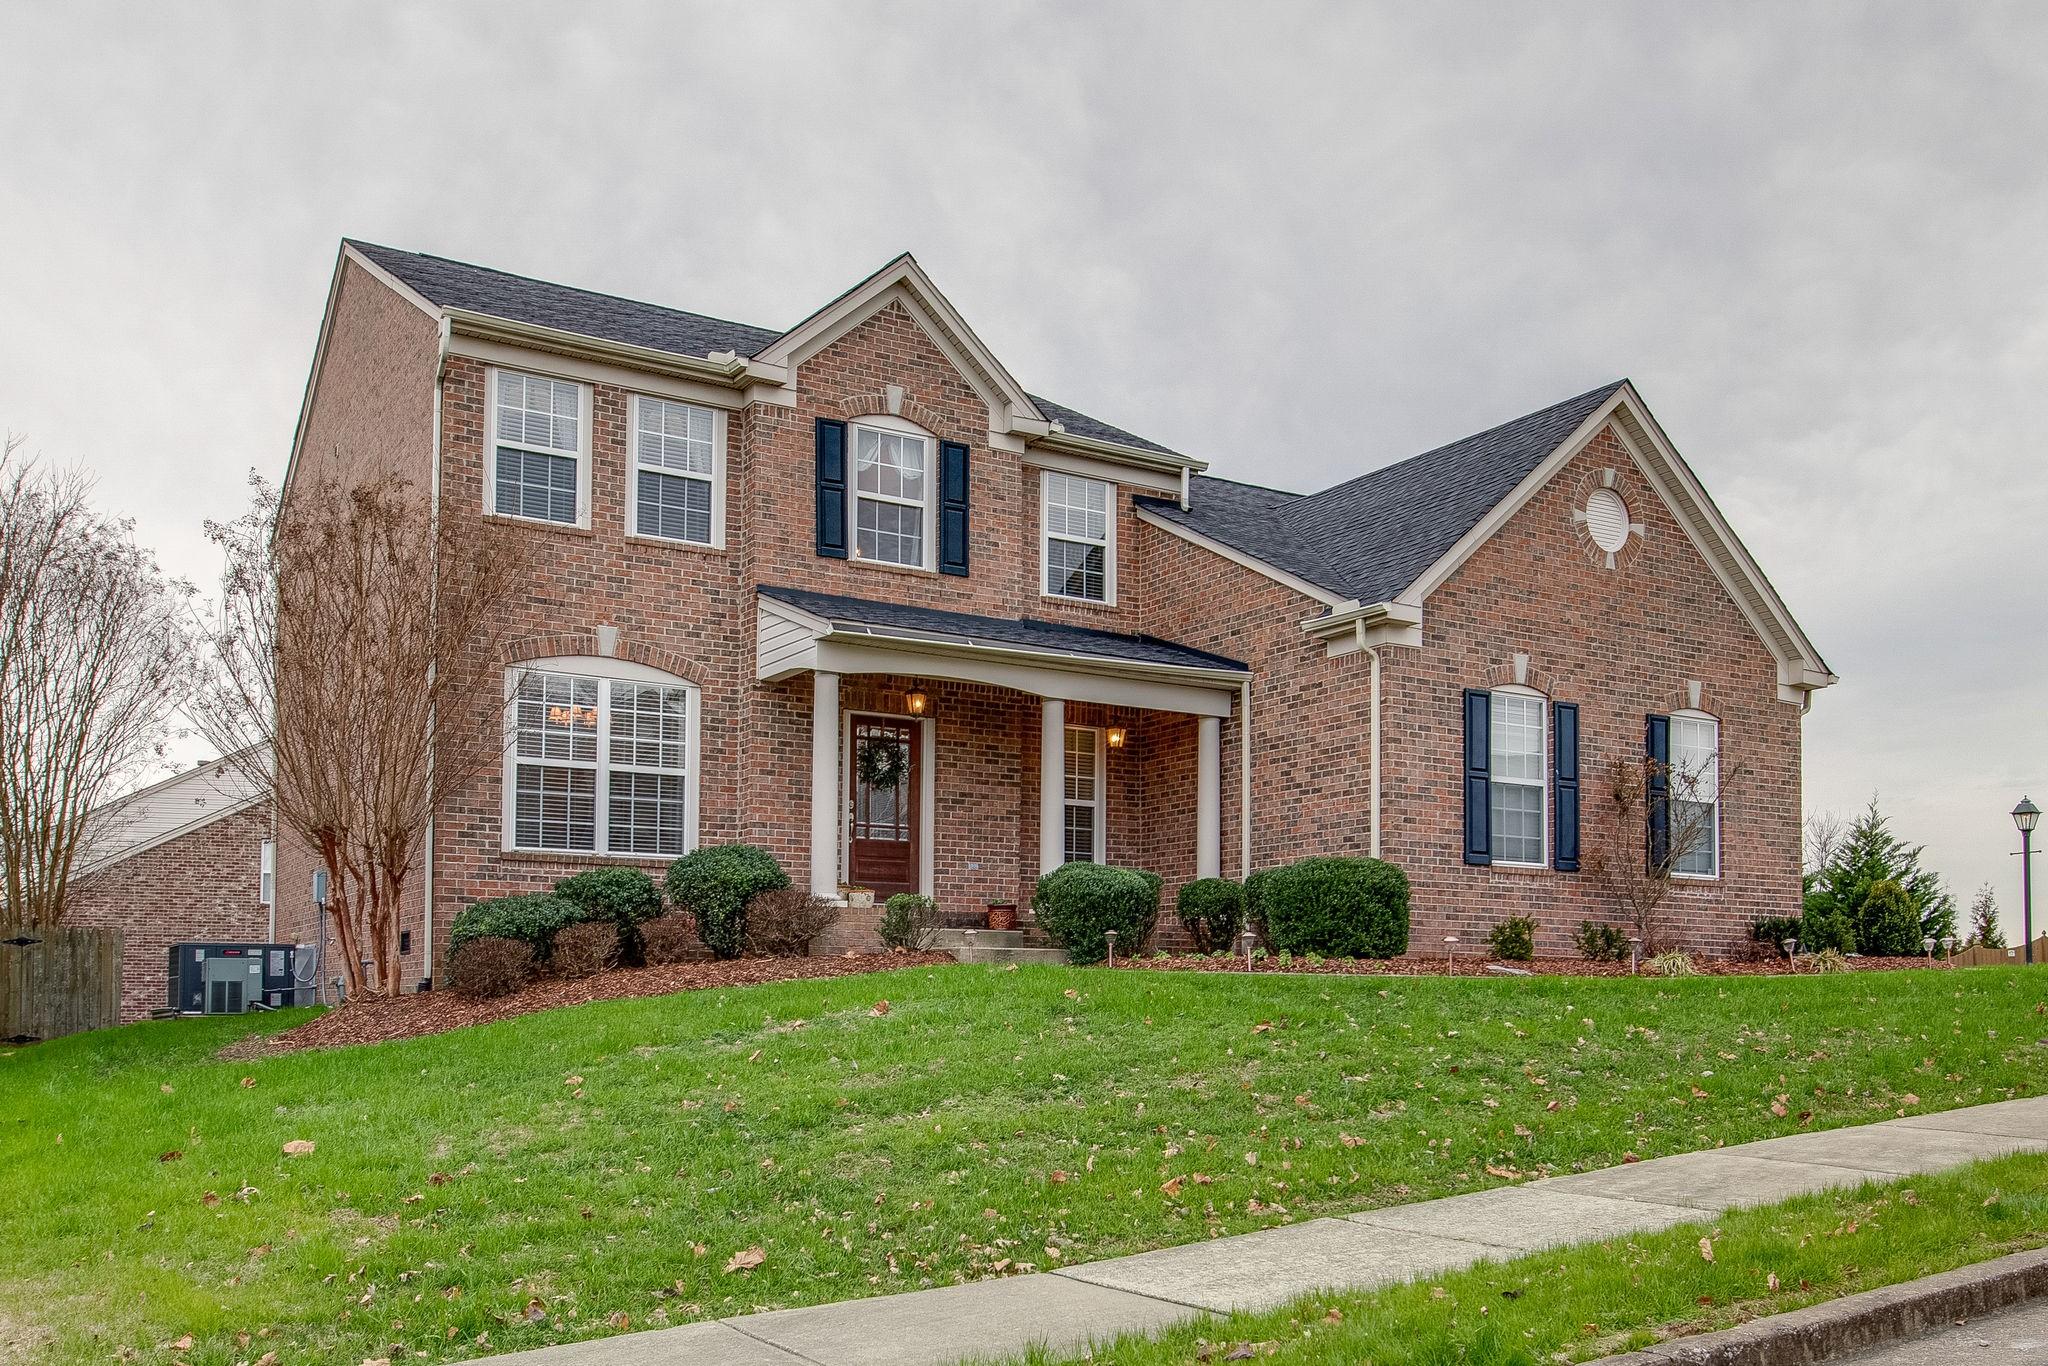 3017 Brookview Forest Dr, Nashville, TN 37211 - Nashville, TN real estate listing